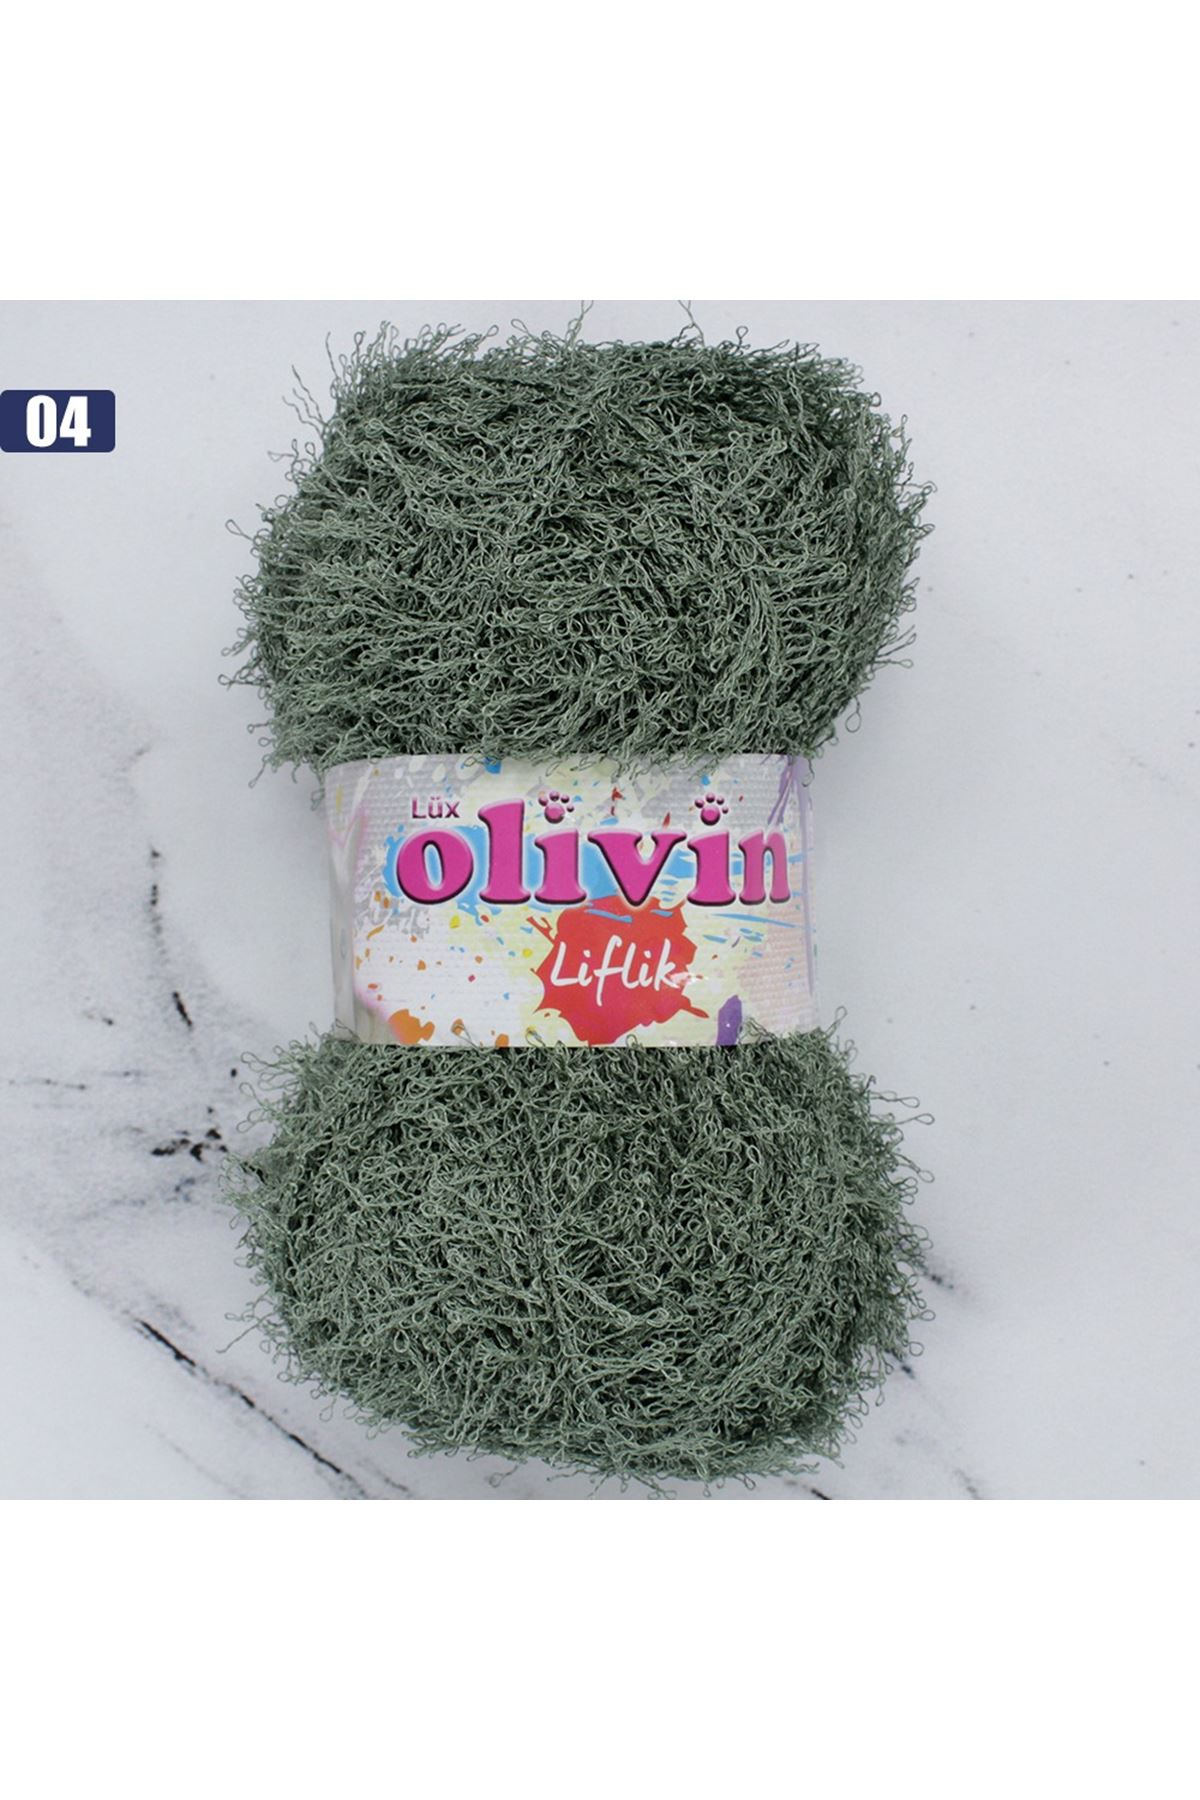 Olivin Liflik 04